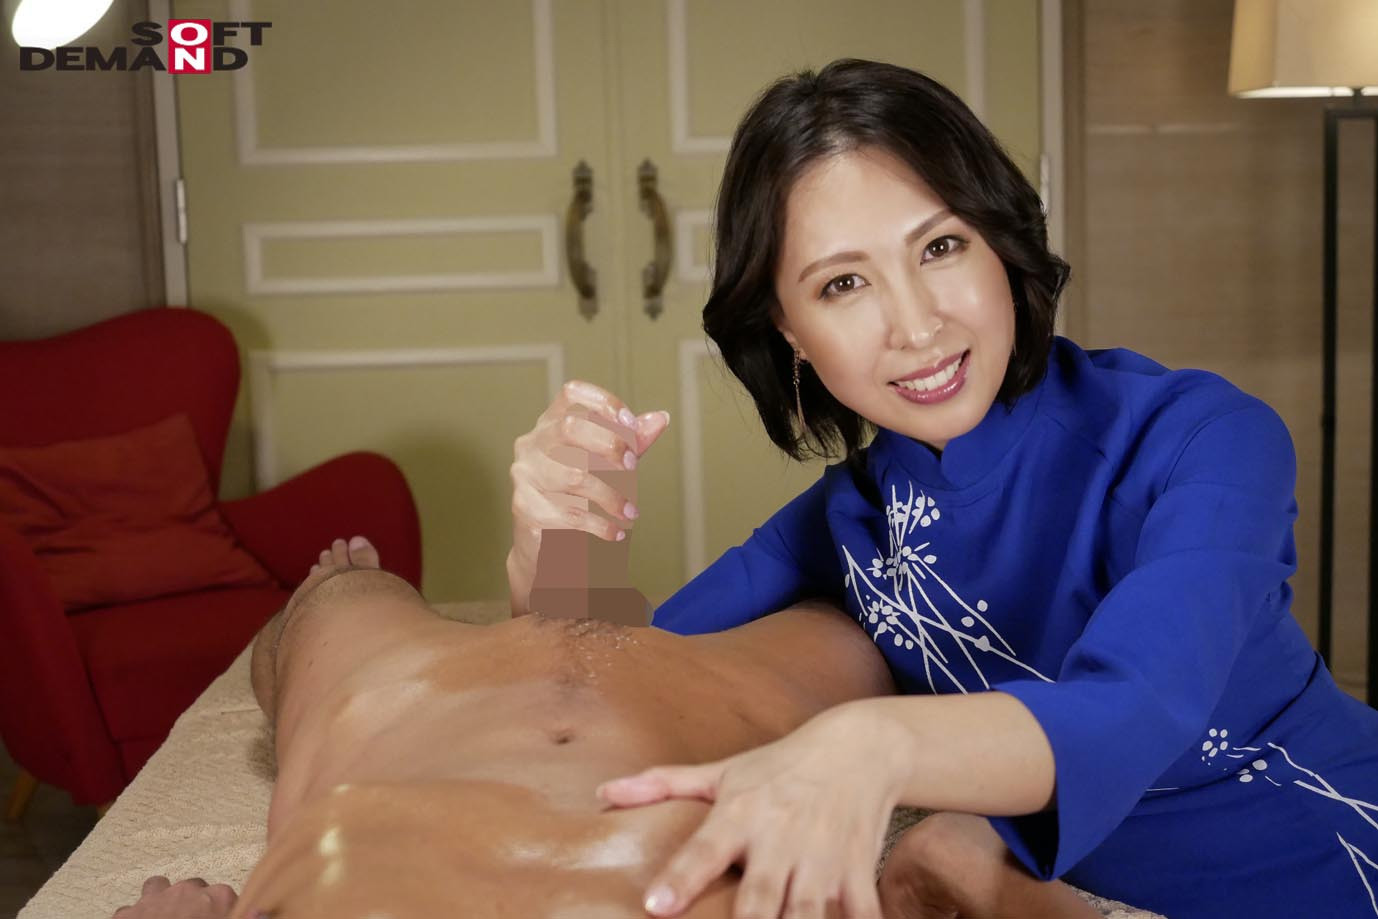 「チ○ポが雄叫びあげる」ほど超気持ちいいリアルメンズエステサロン 佐田茉莉子,のサンプル画像7